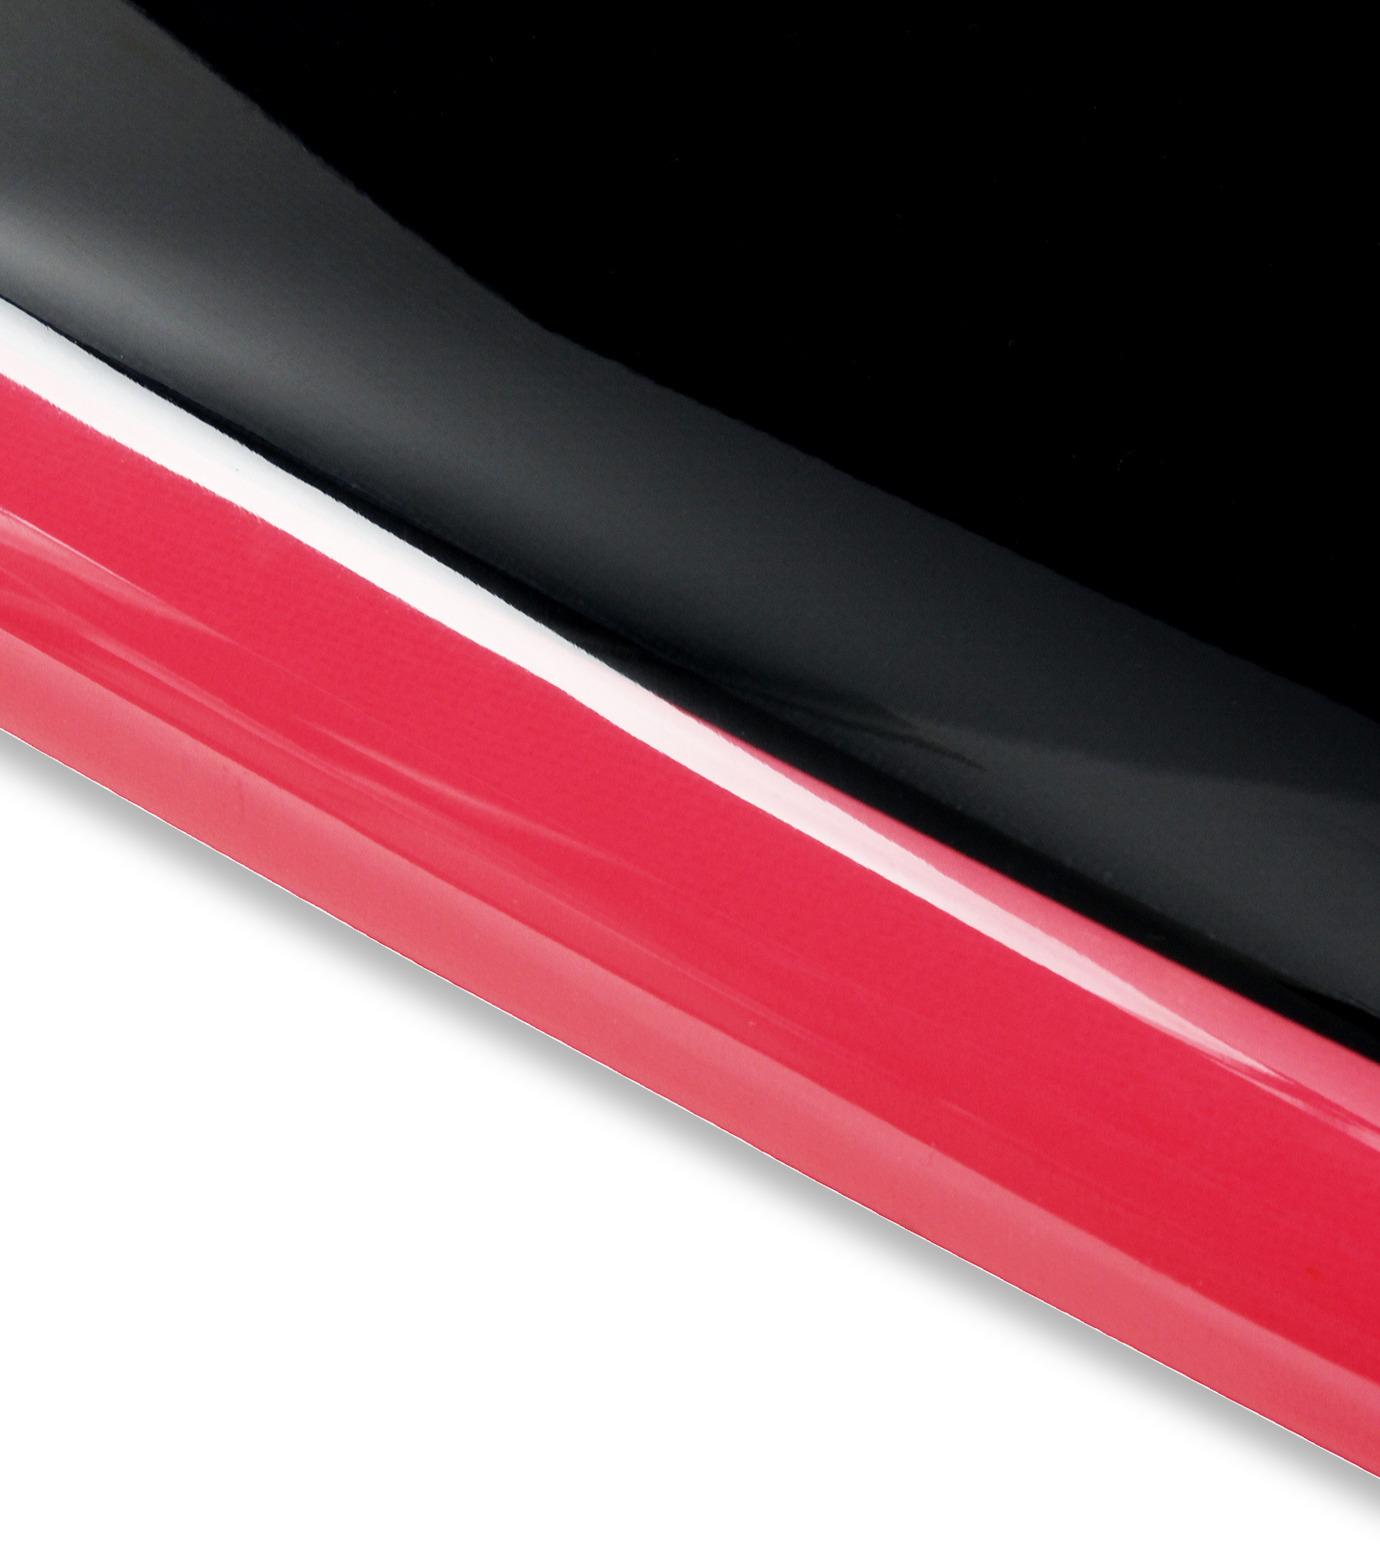 Surf Board(サーフボード)のSurfboard 6-2-PINK(OUTDOOR/OUTDOOR)-YU12078-72 拡大詳細画像3